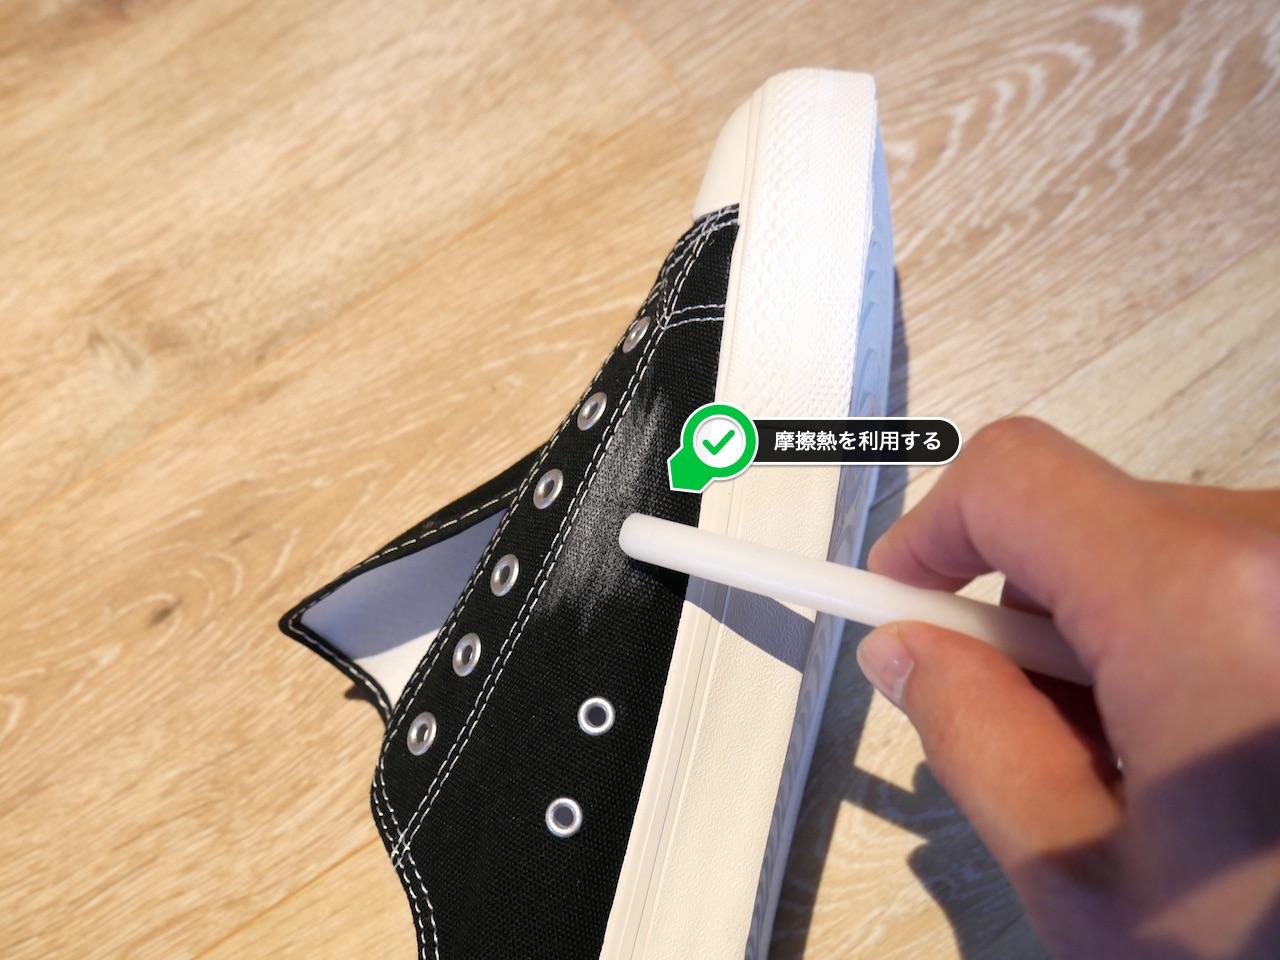 キャンバススニーカーに撥水効果をプラスする方法|無印良品系男子